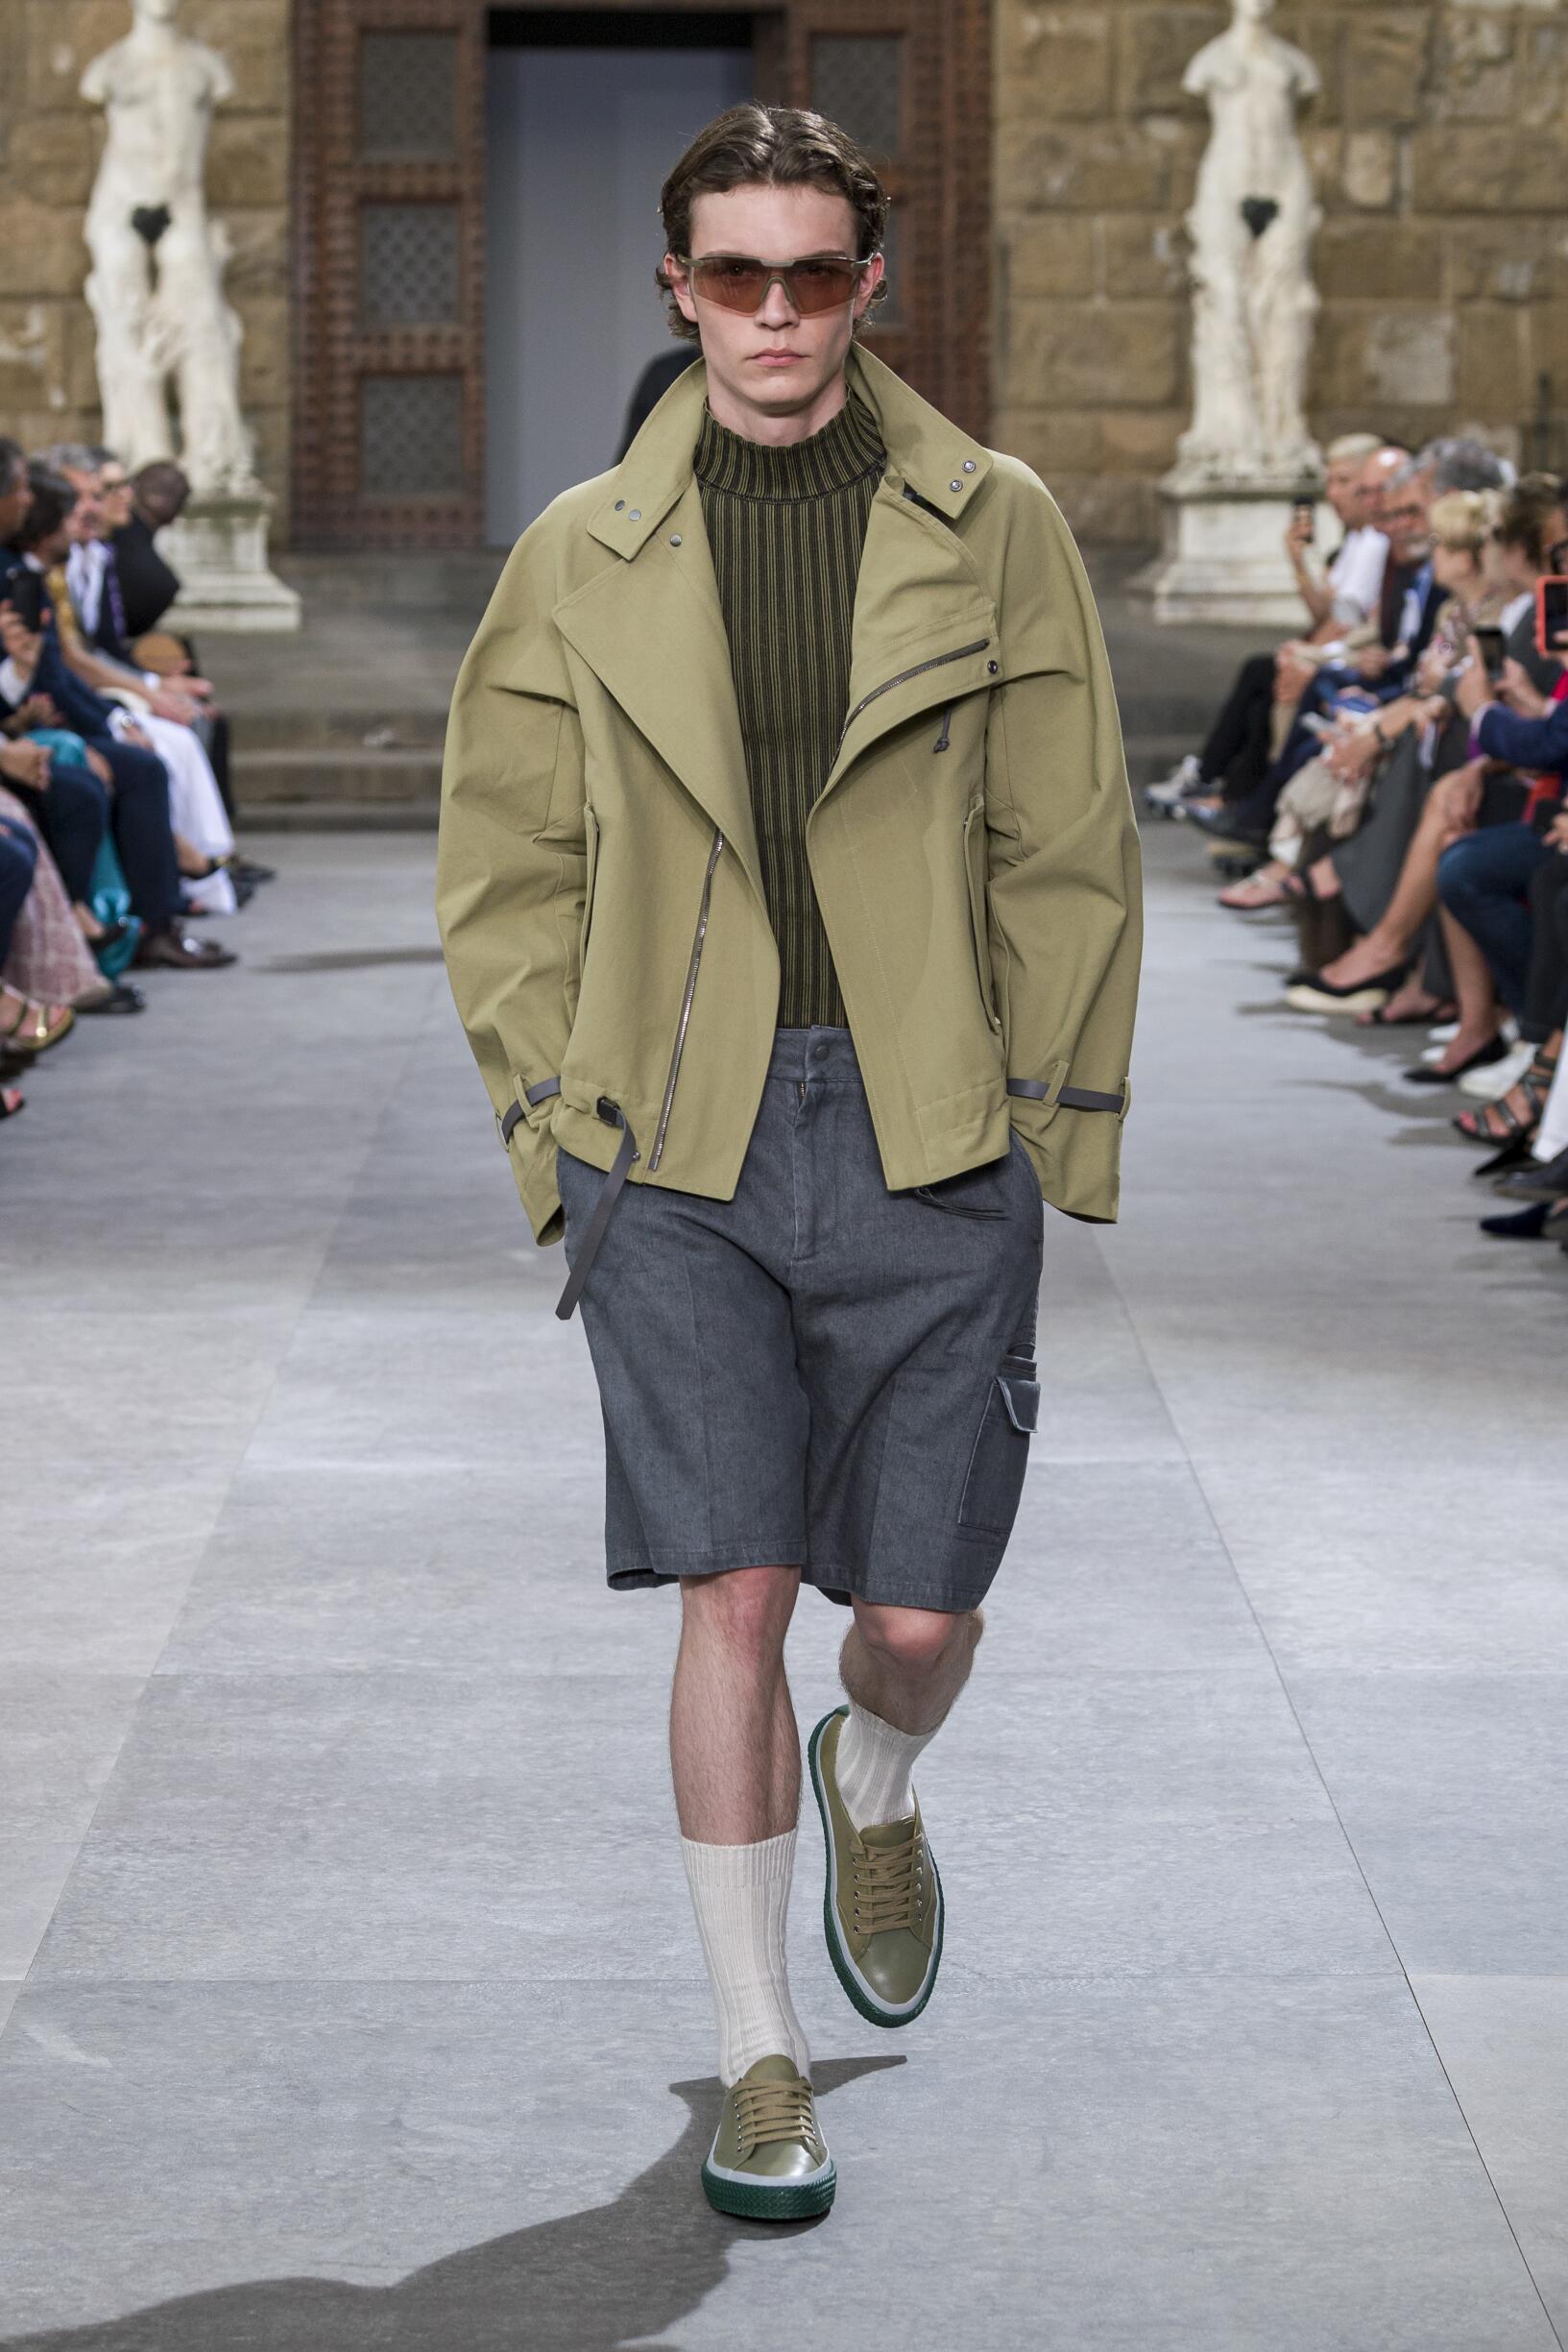 Salvatore Ferragamo Pitti Immagine Menswear